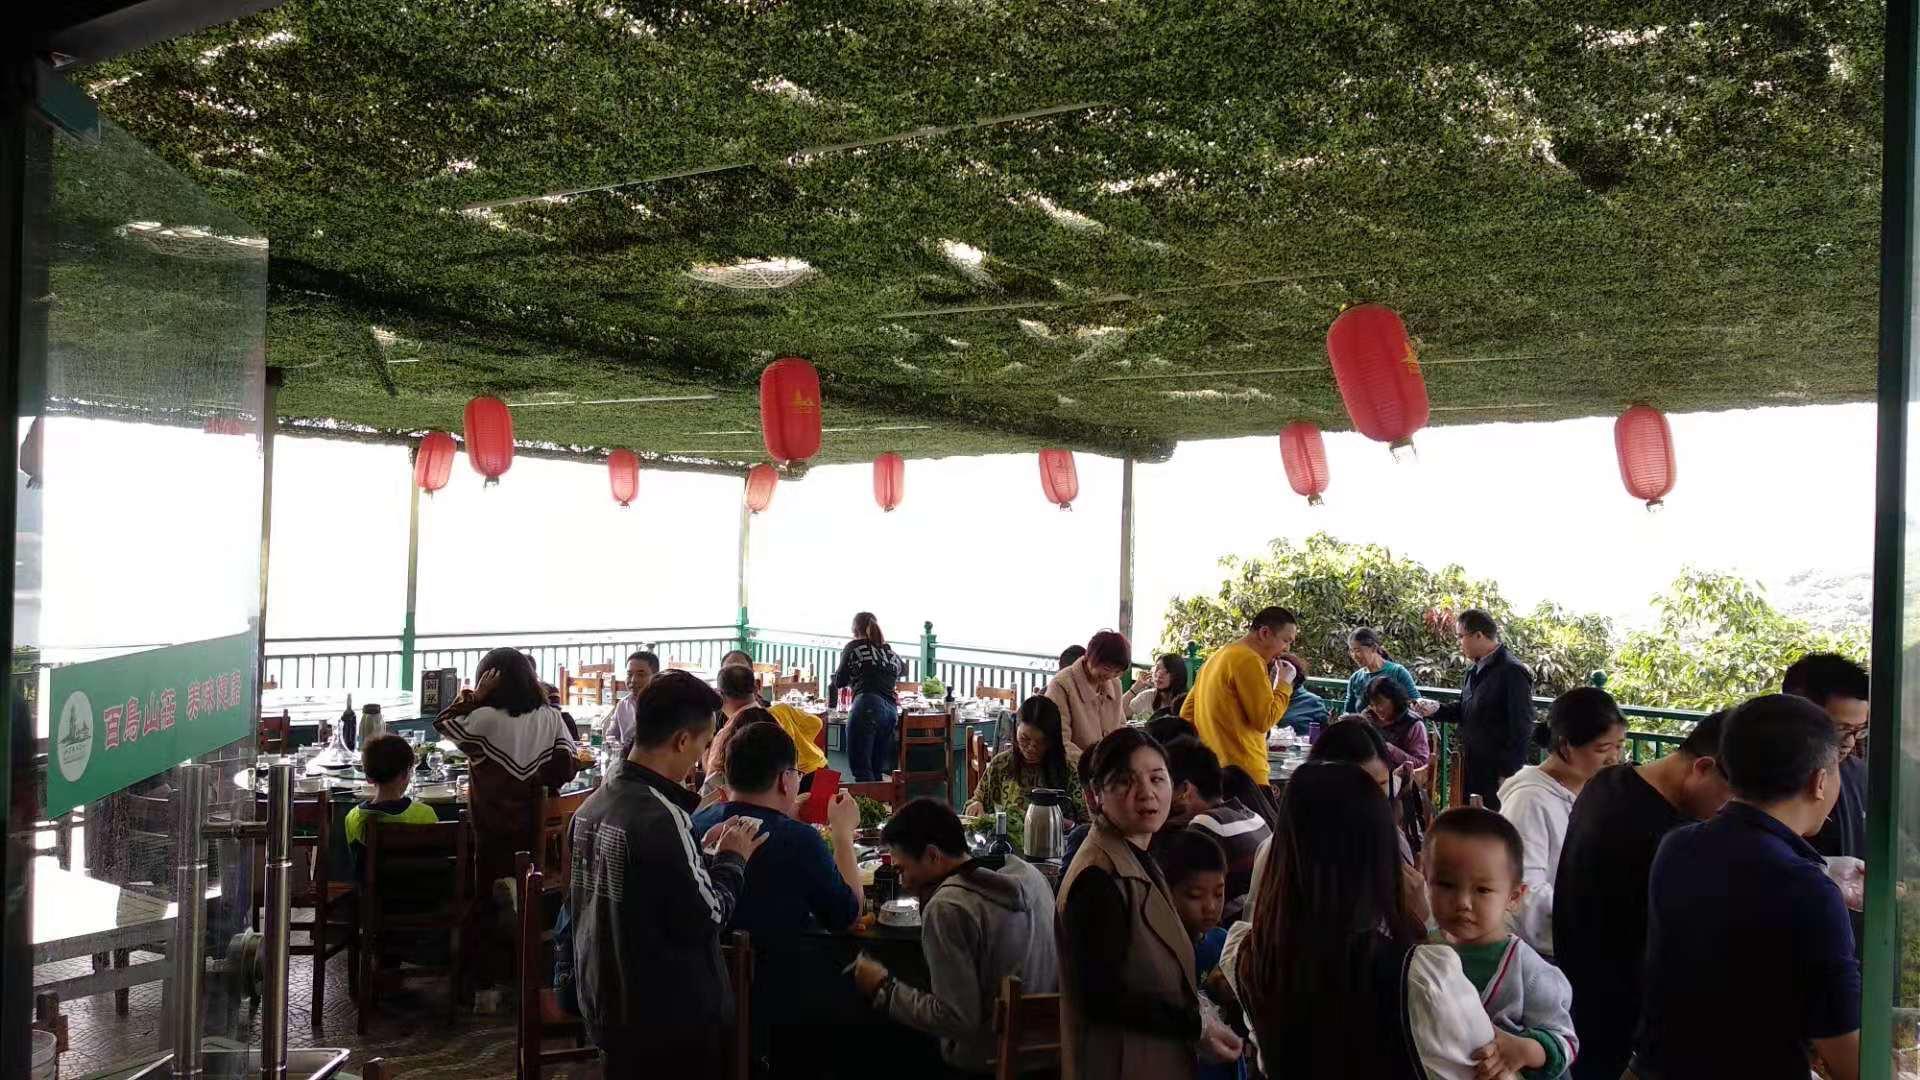 澳门新葡新京祝您新春愉快、阖家欢乐!